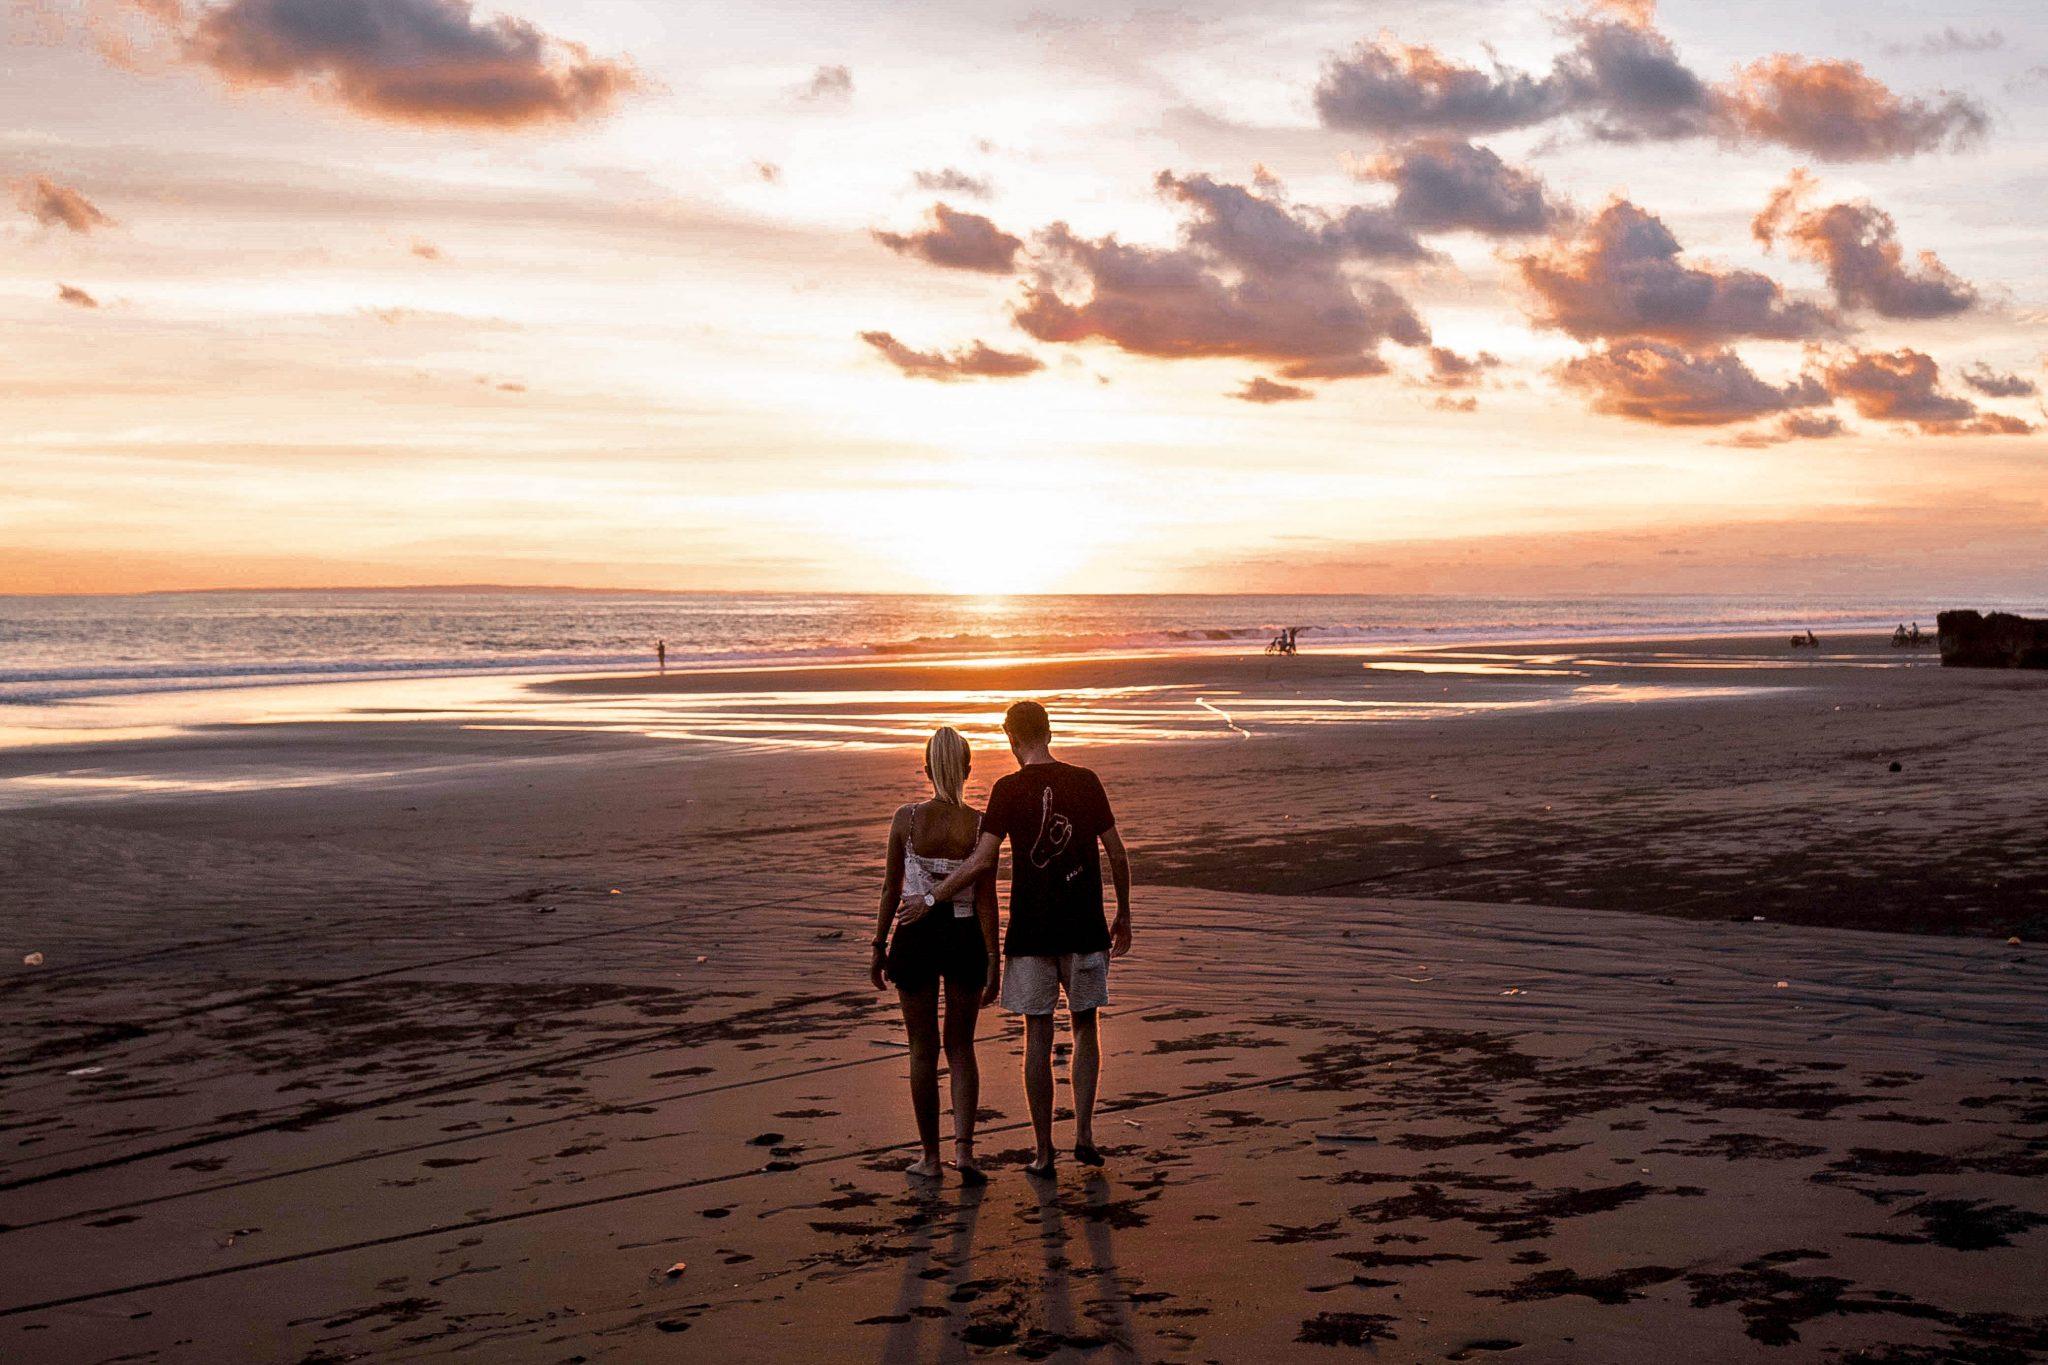 Wanderers & Warriors - Charlie & Lauren UK Travel Couple - Pasut Beach Bali - Black Sand Beach Bali - Pantai Pasut - Bali Sunset